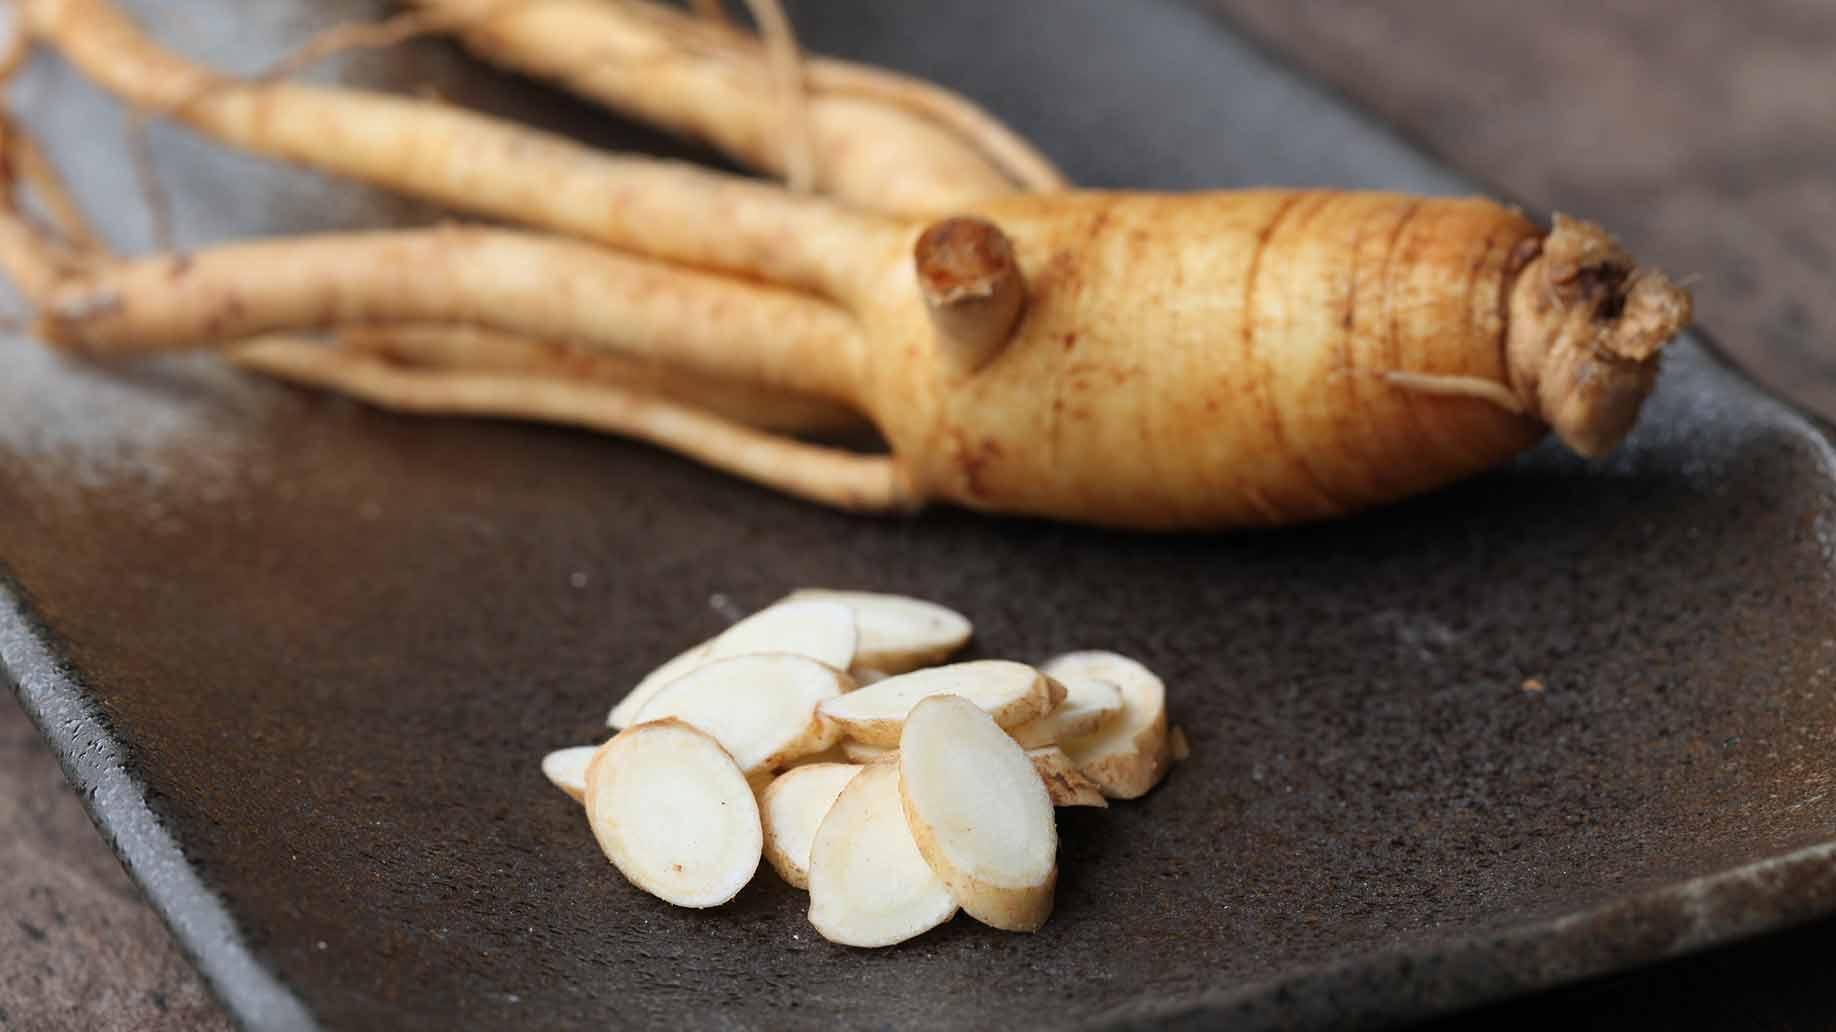 asian ginseng roots memory loss natural remedies